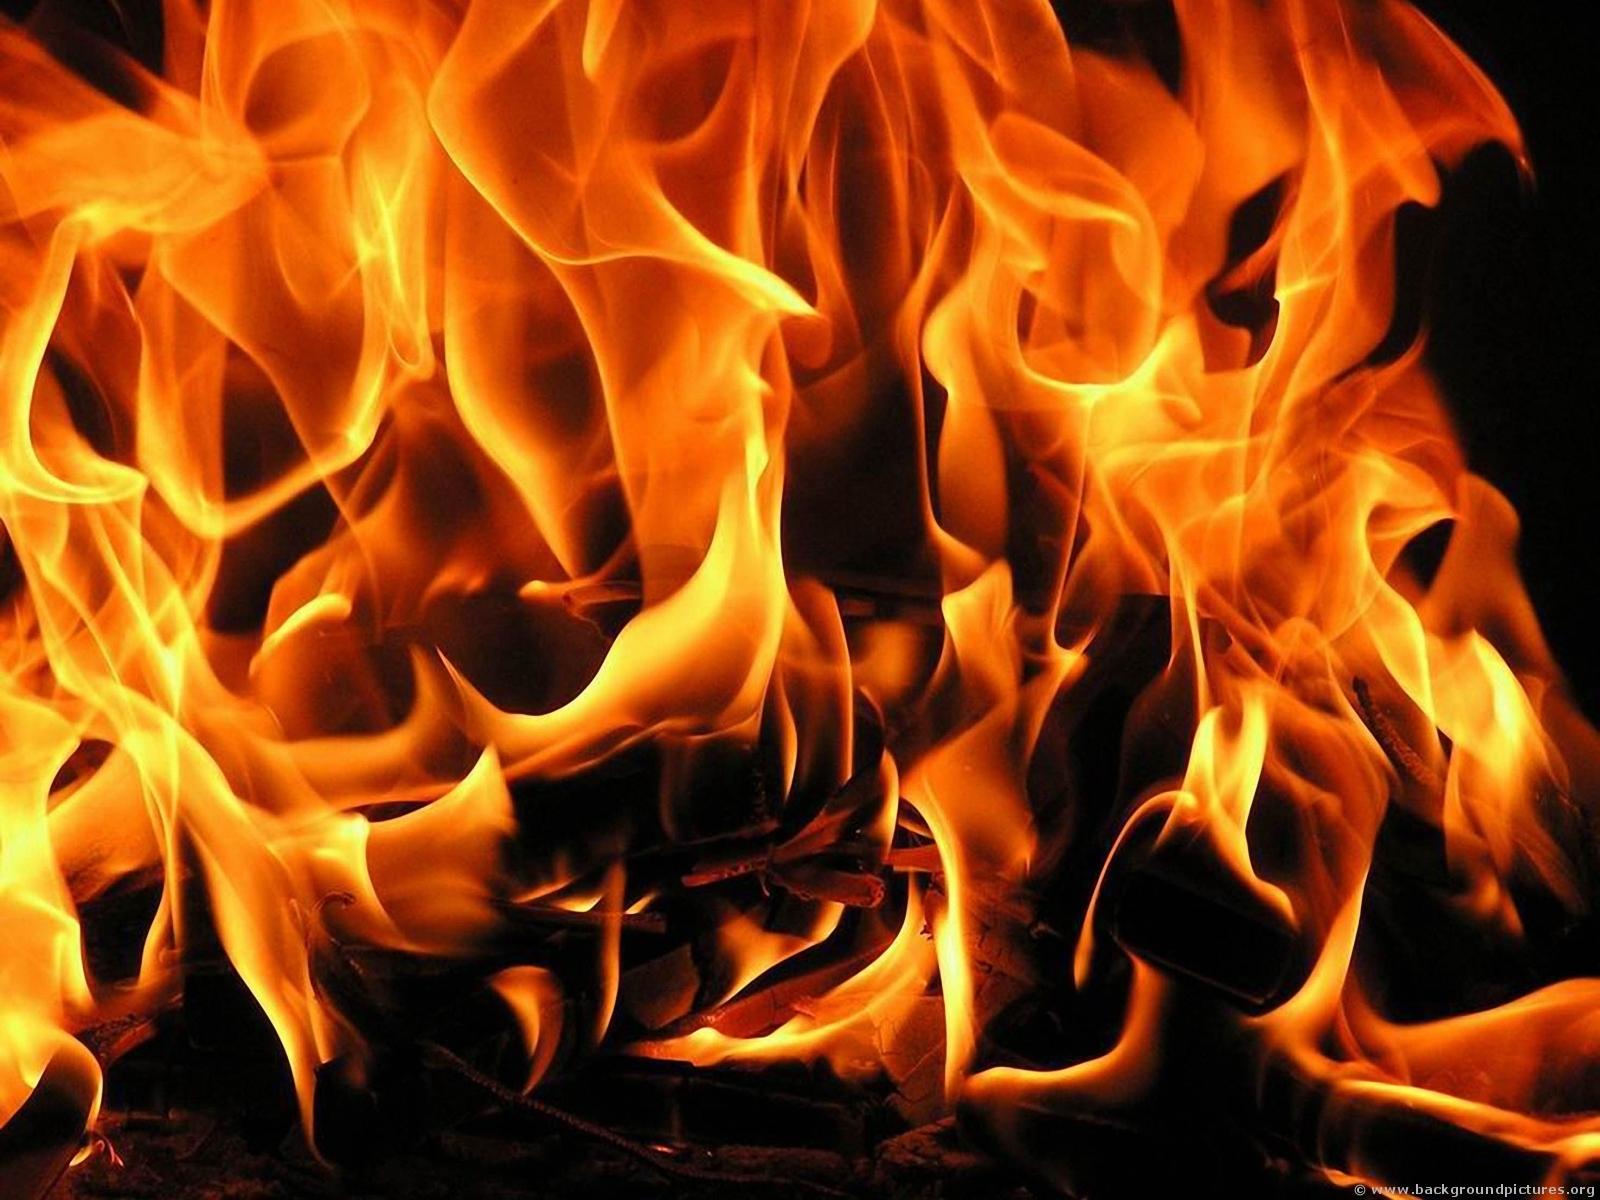 DEADLY HOUSE FIRE IN WEST EDMONTON